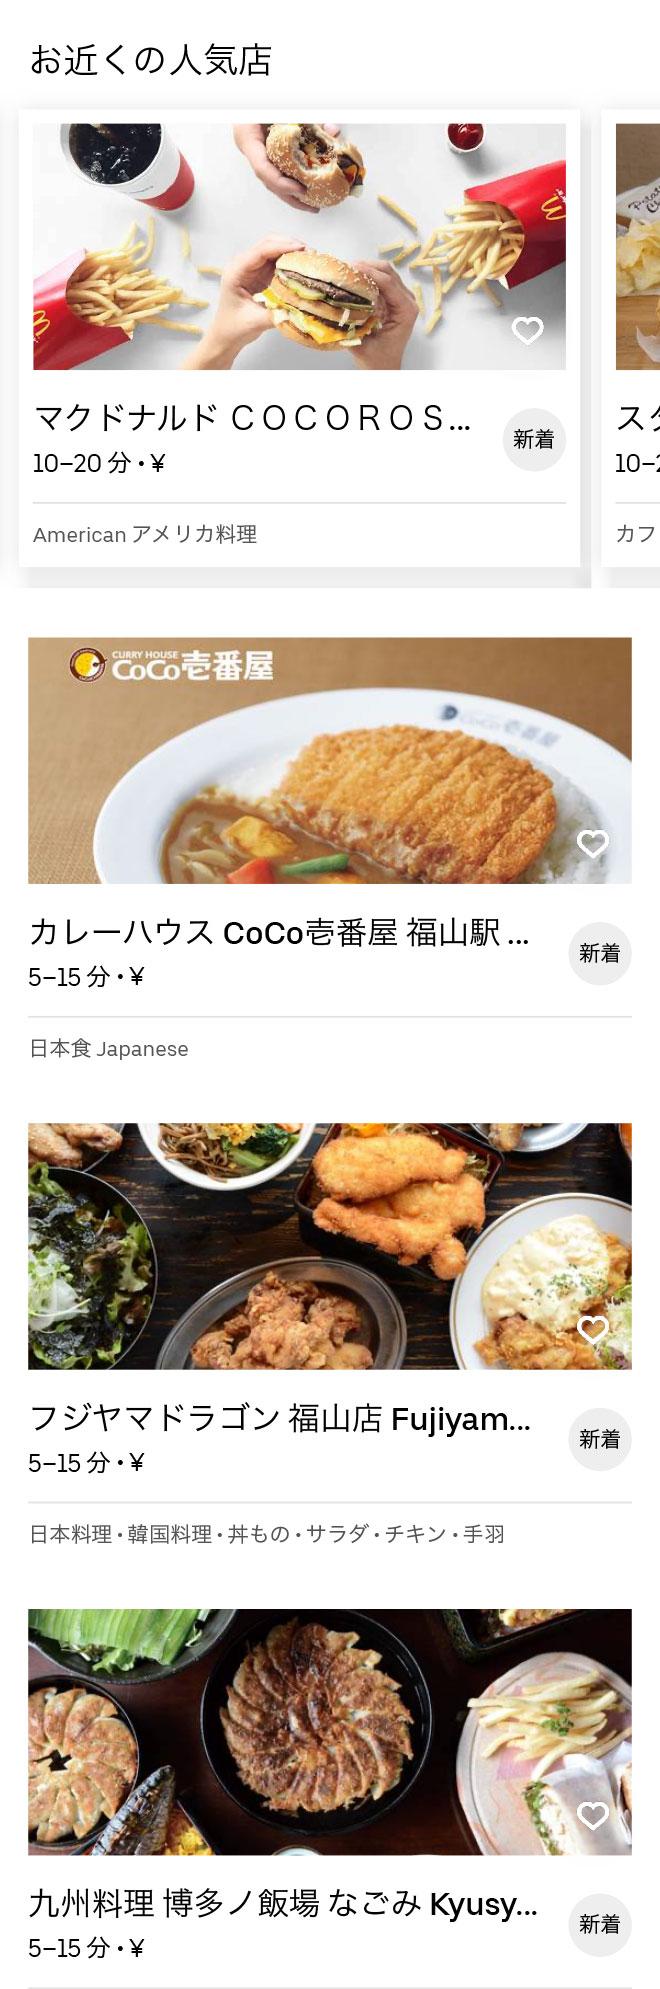 Uber fukuyama menu 01